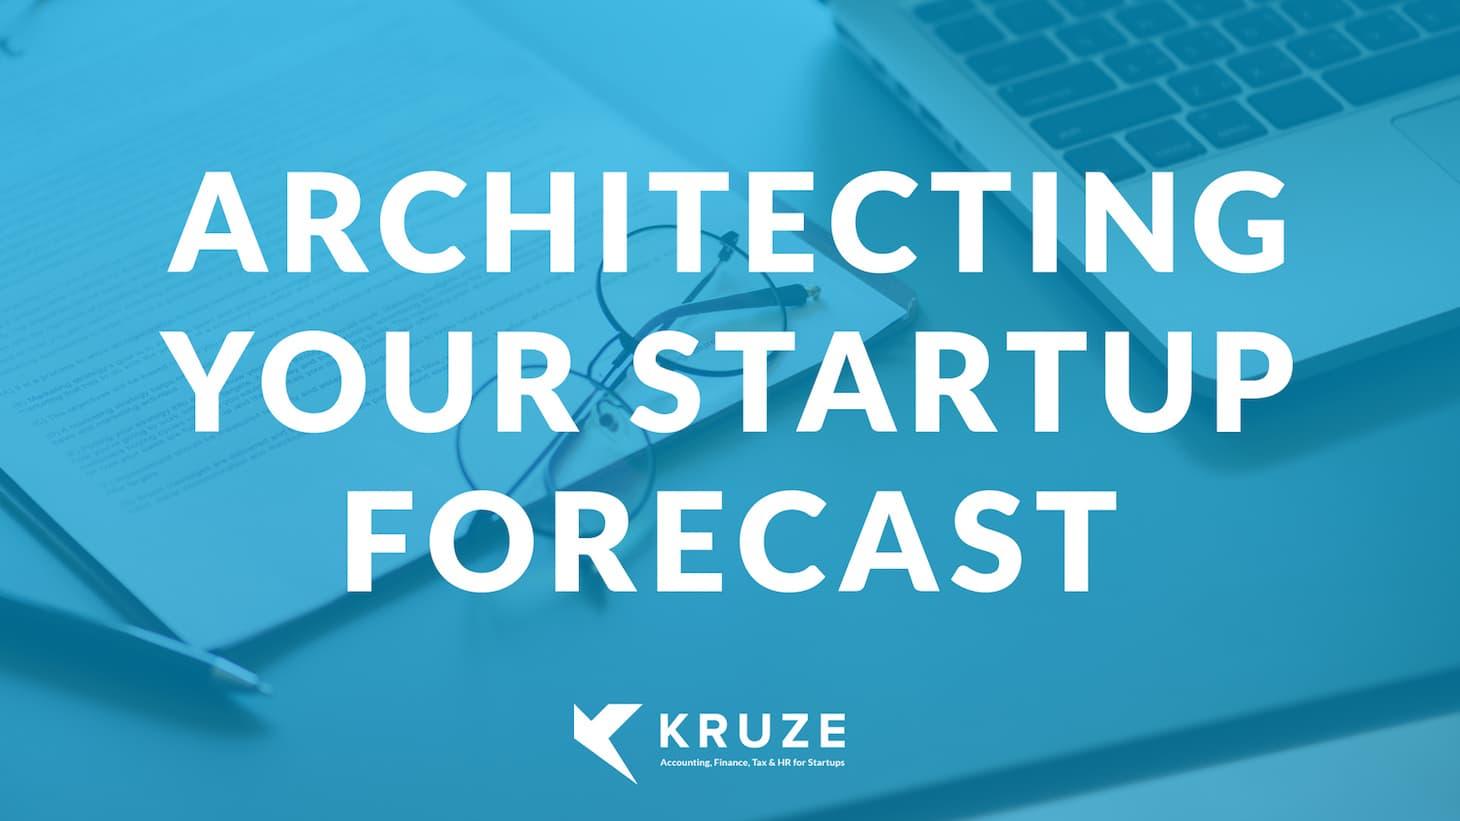 Architecting Your Startup Forecast